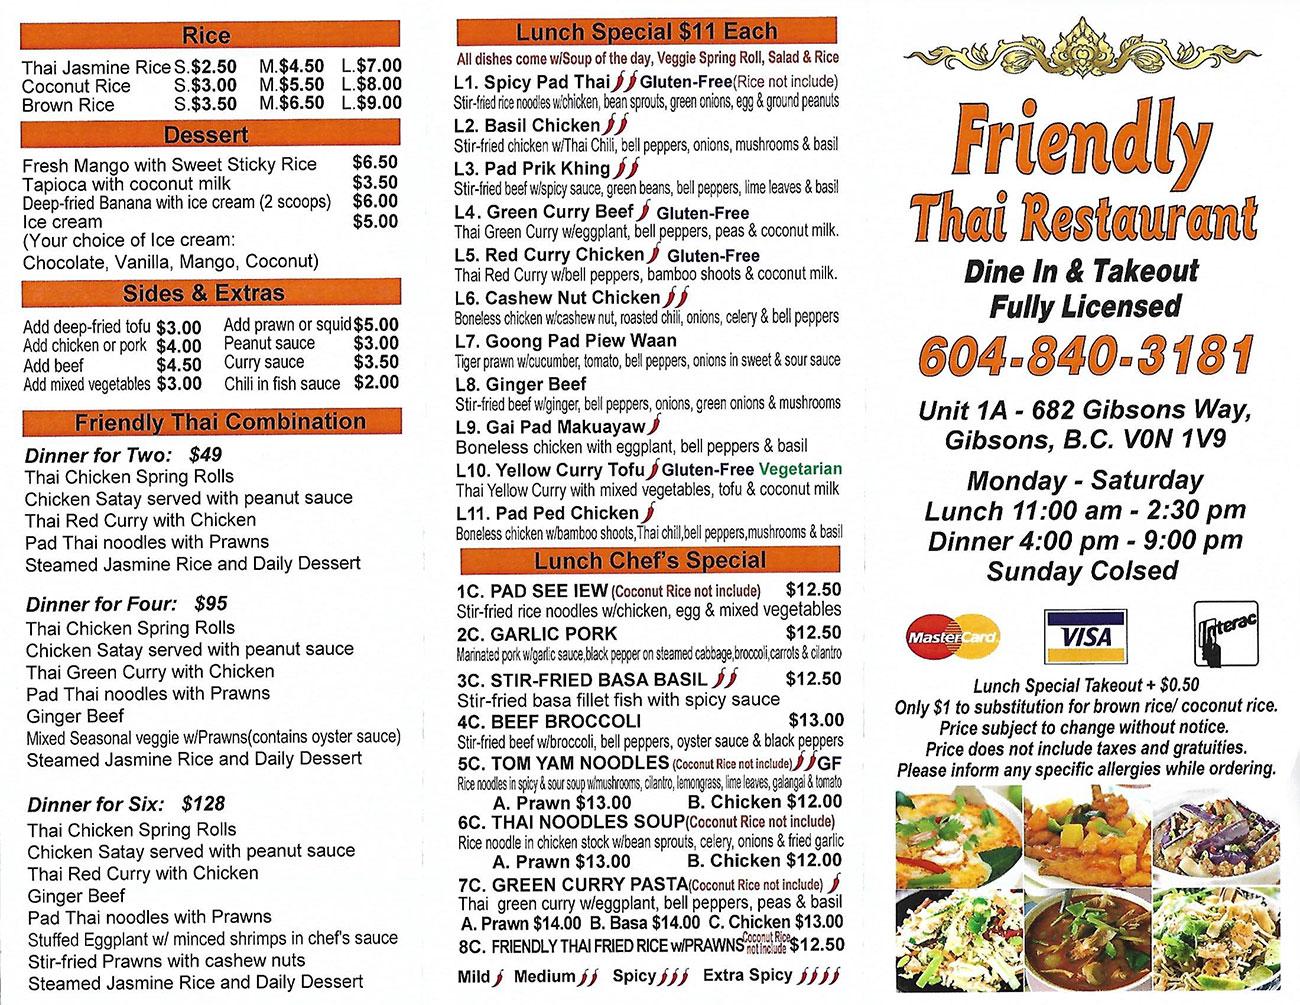 Take Out Menu | Friendly Thai Restaurant